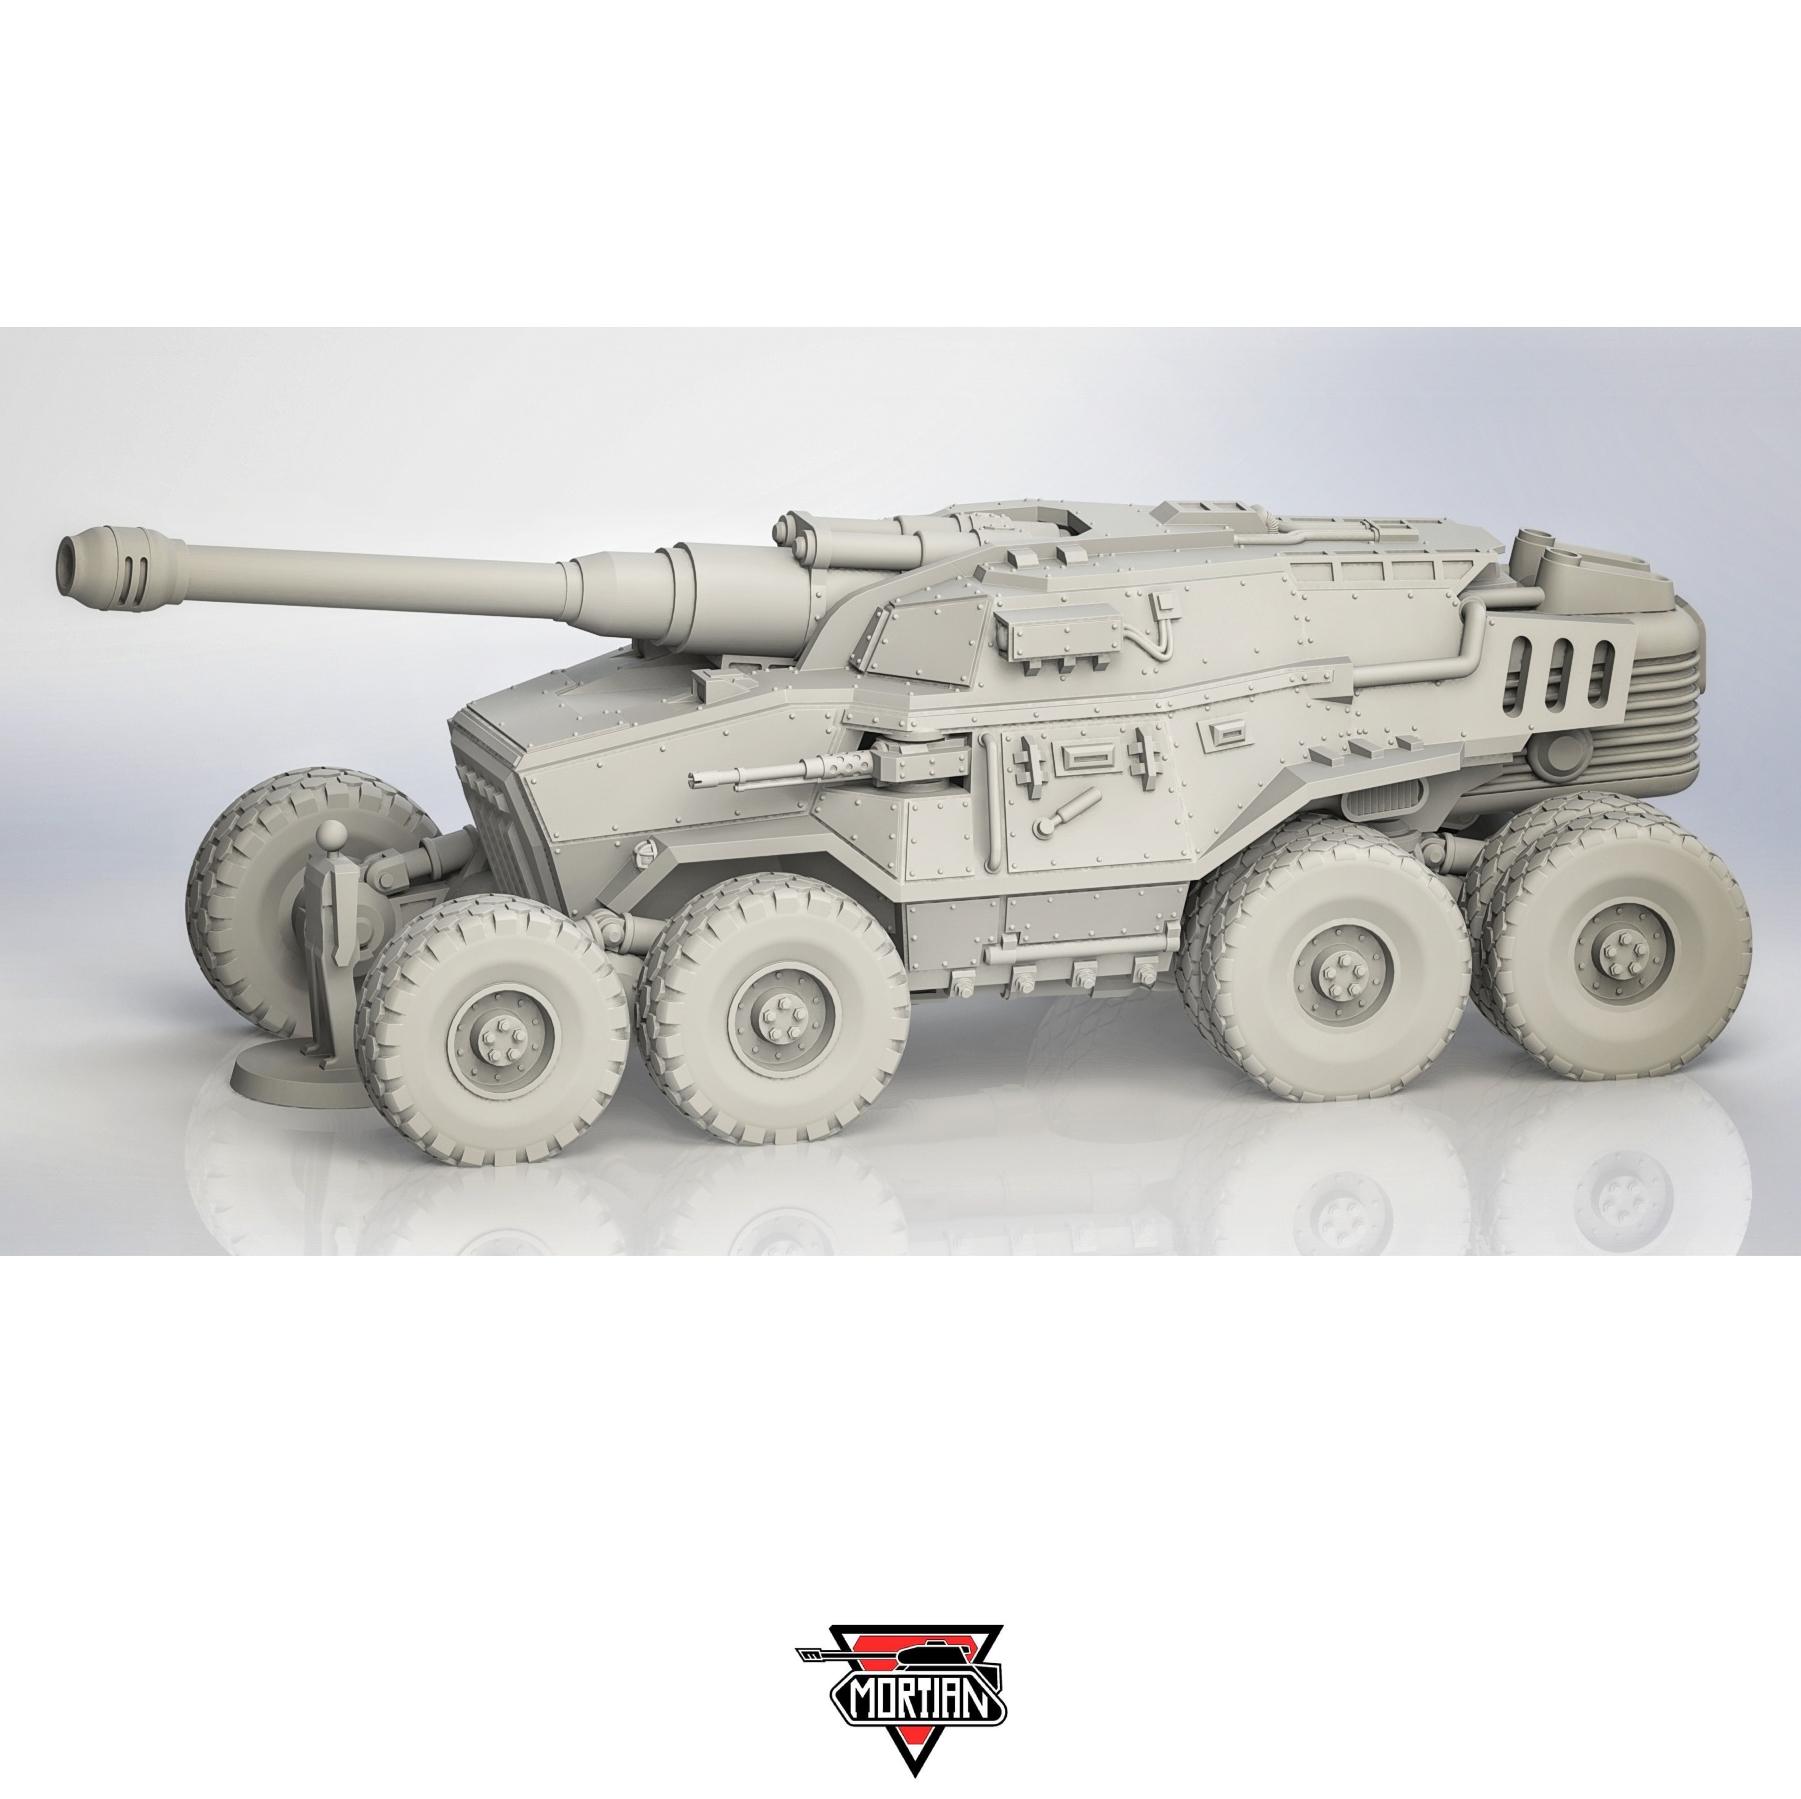 Astra Militarum, Basilisk, Chimera, Imperial Guard, Mortian, Tank